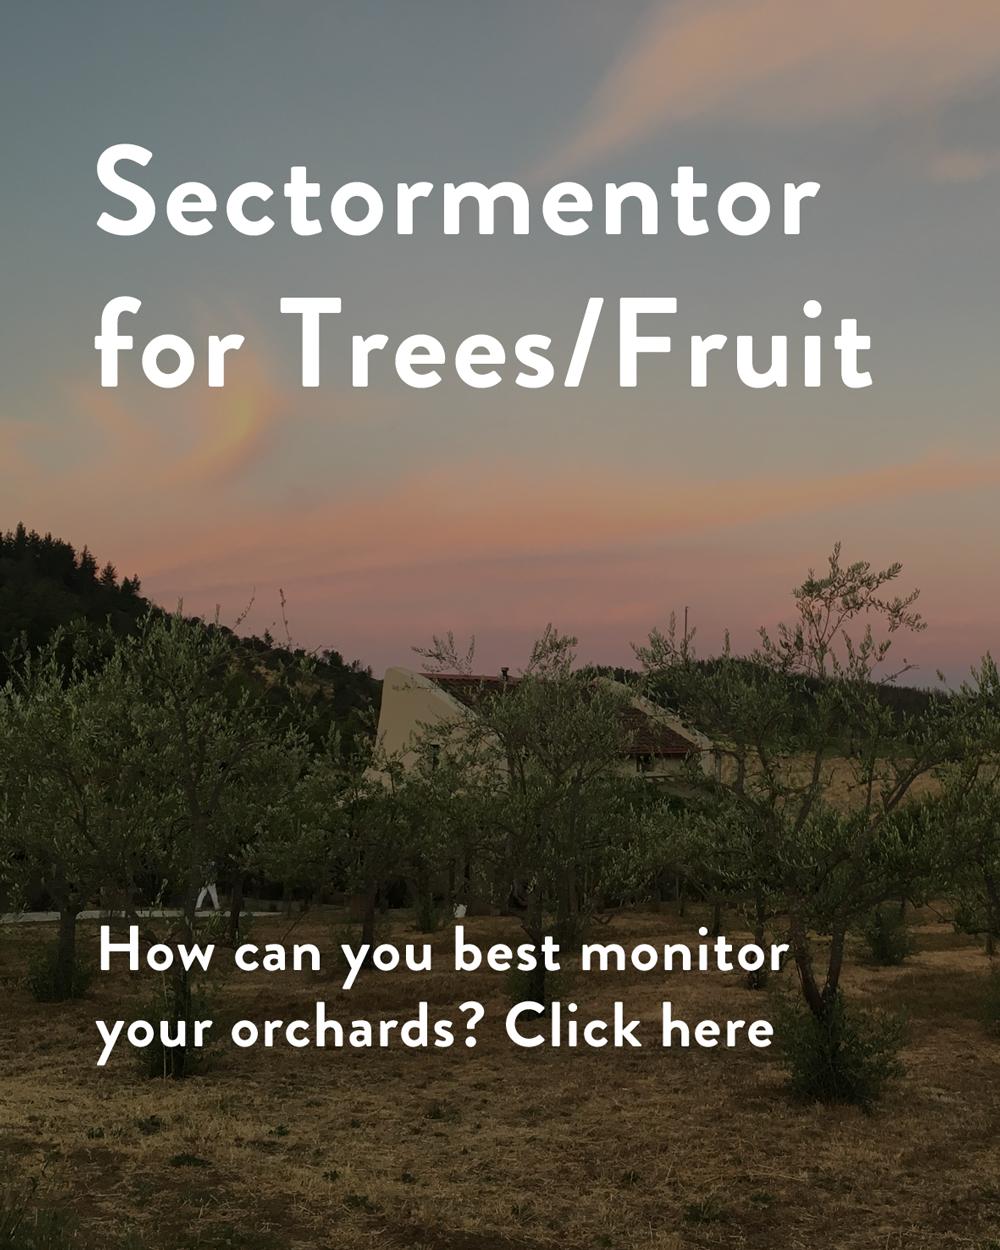 sectormentor.com